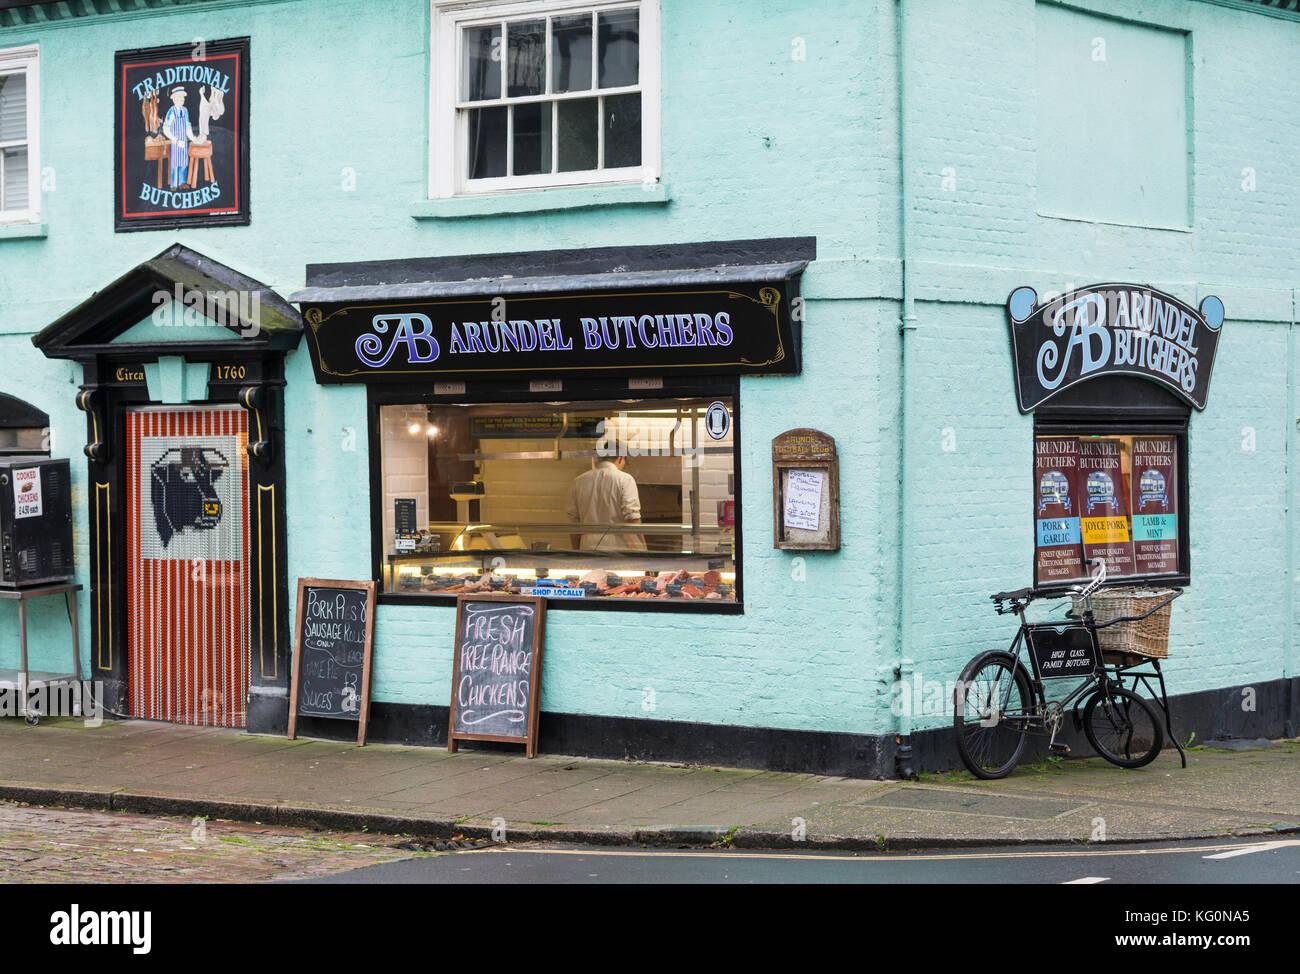 Arundel carniceros, un pequeño local de carnicería en Arundel, West Sussex, Inglaterra, Reino Unido. Imagen De Stock